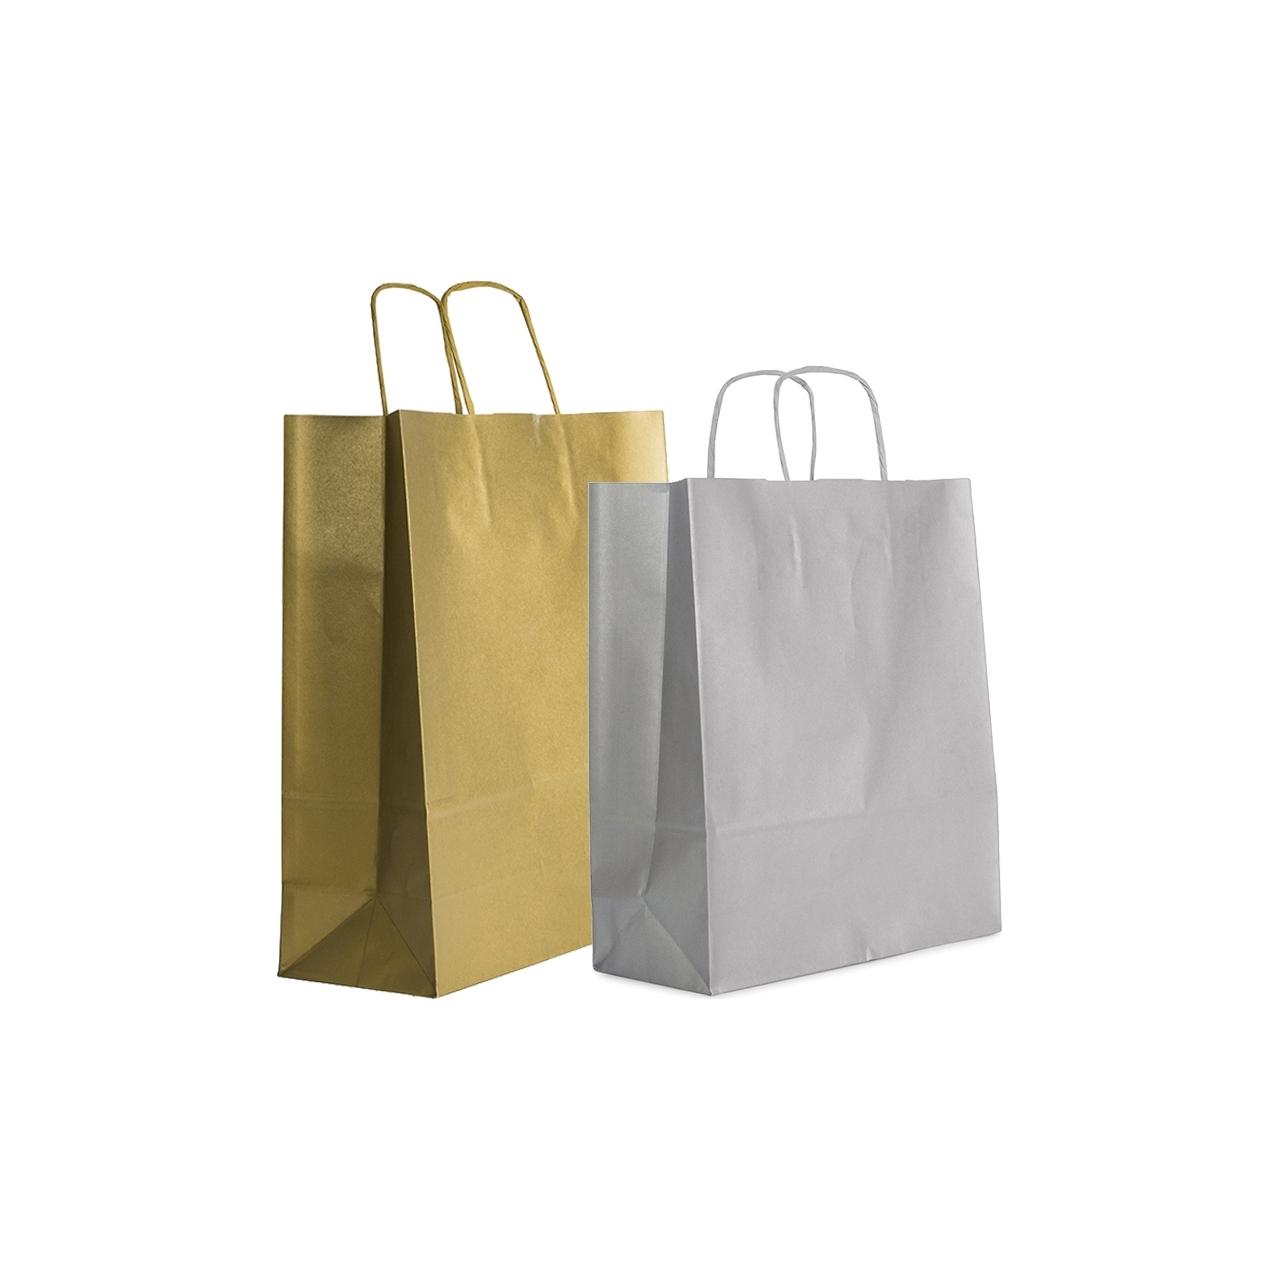 Busta shopper in carta oro e argento con cordino ritorto - vendita online all'ingrosso b2b